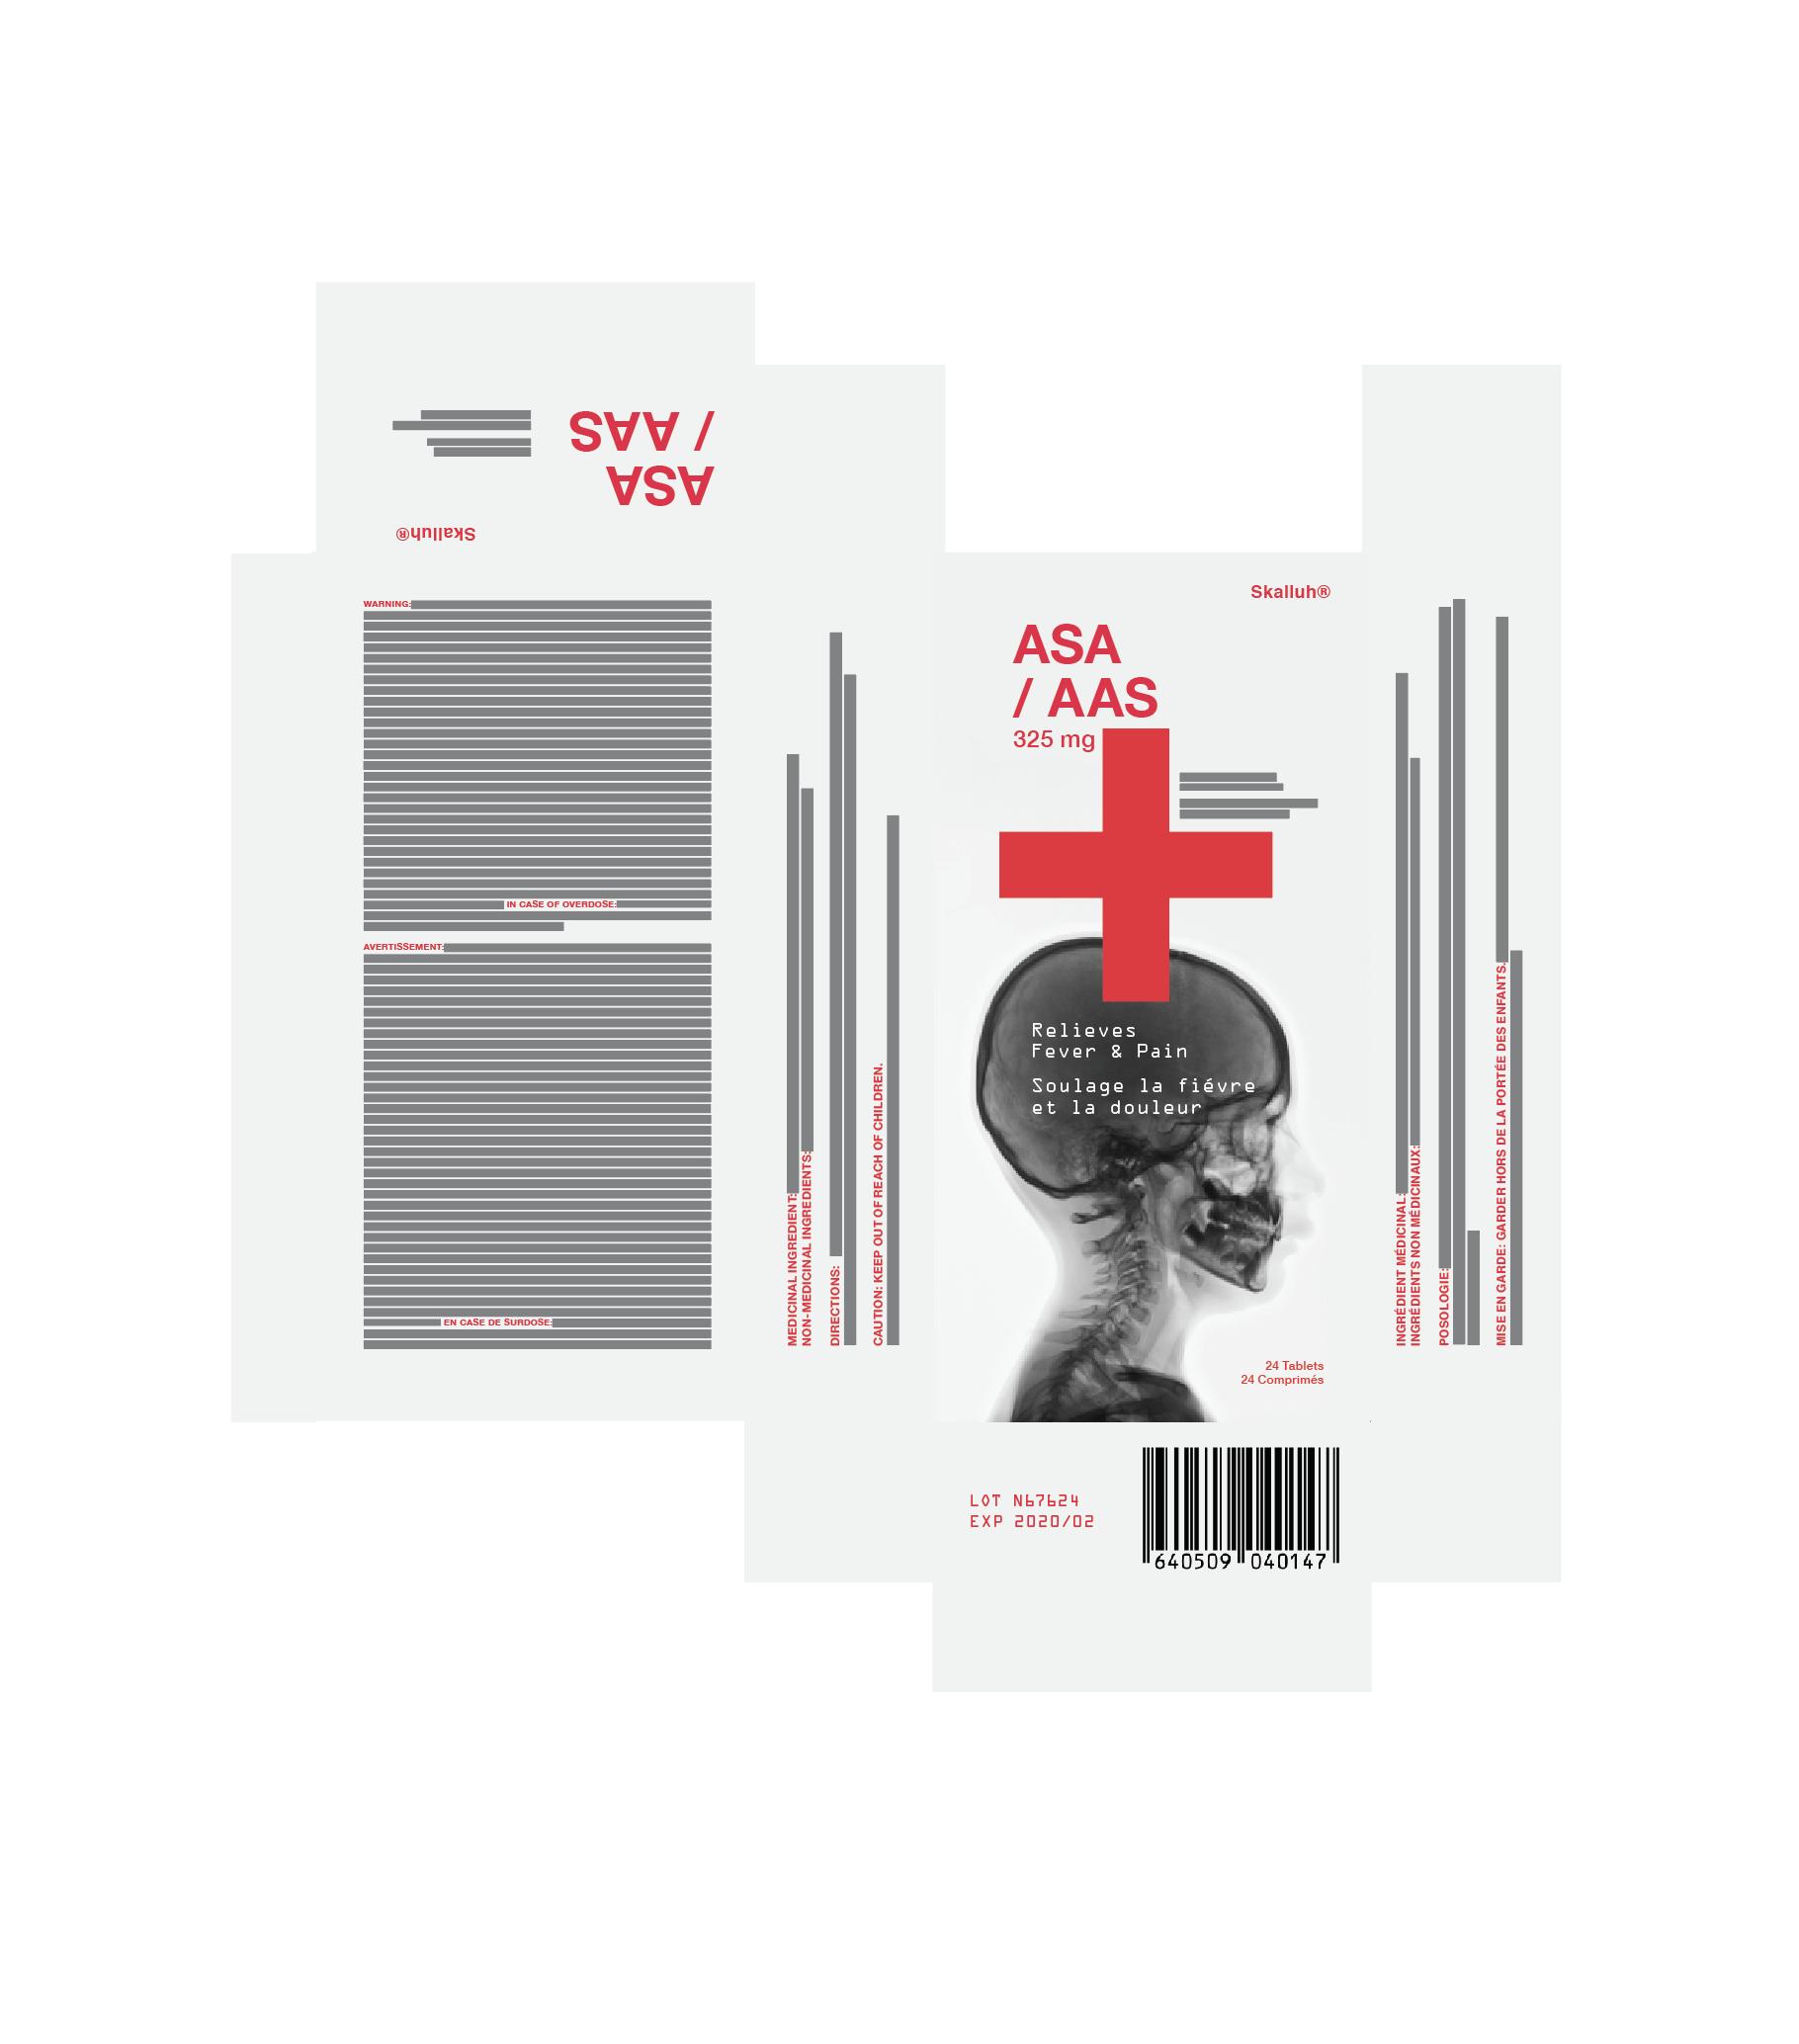 Tylenol Packaging